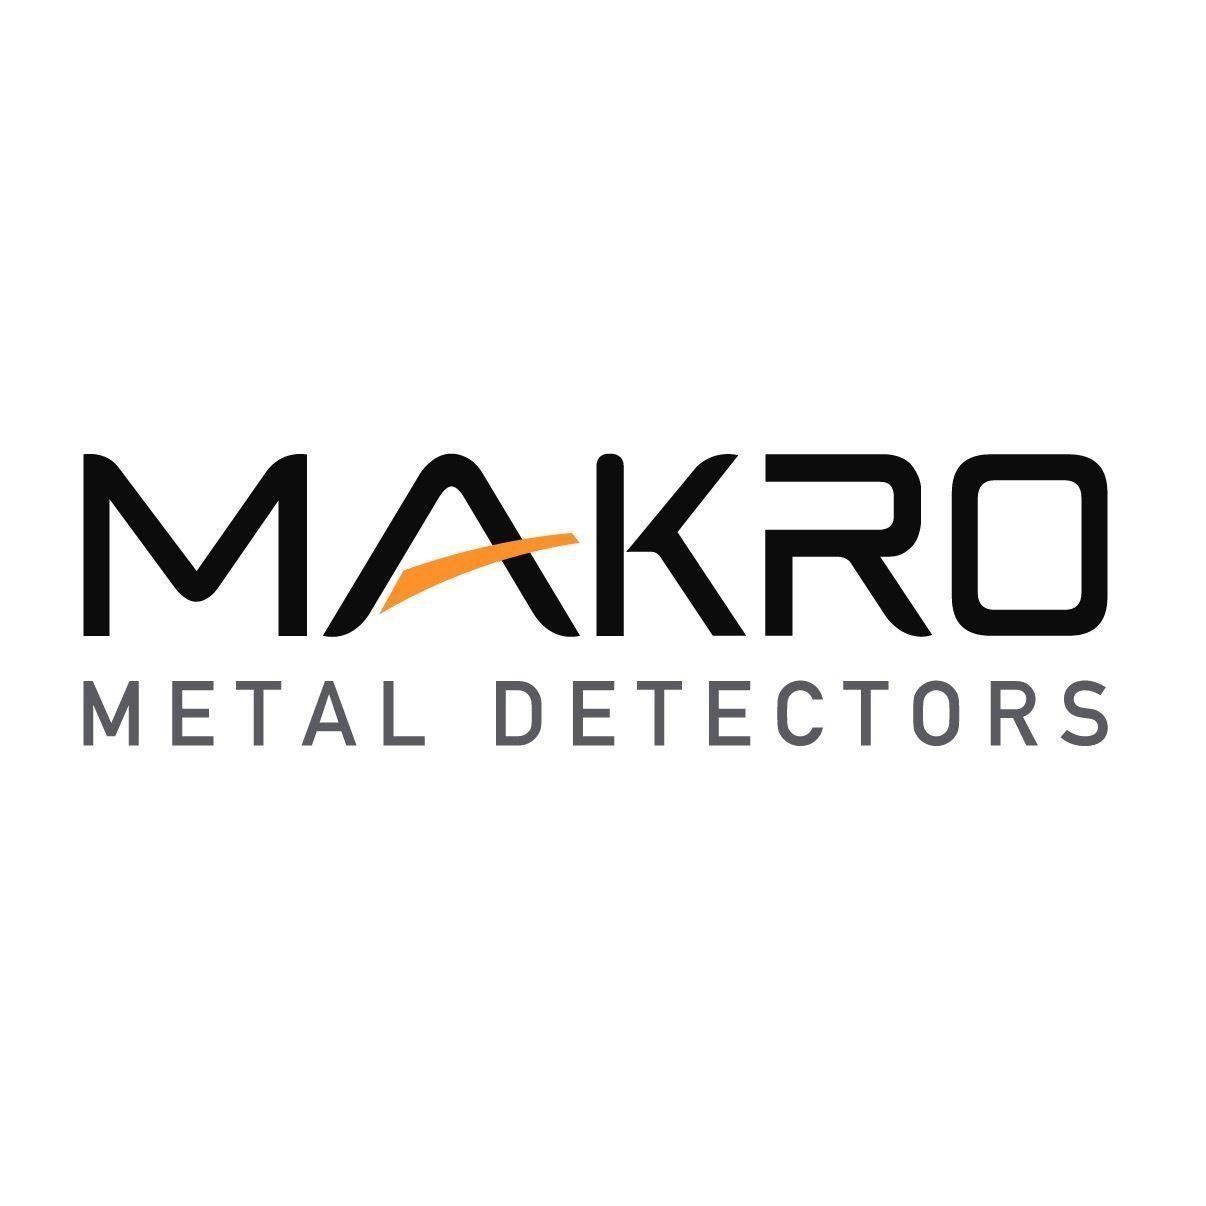 Best Waterproof Metal Detector In Reviewed By